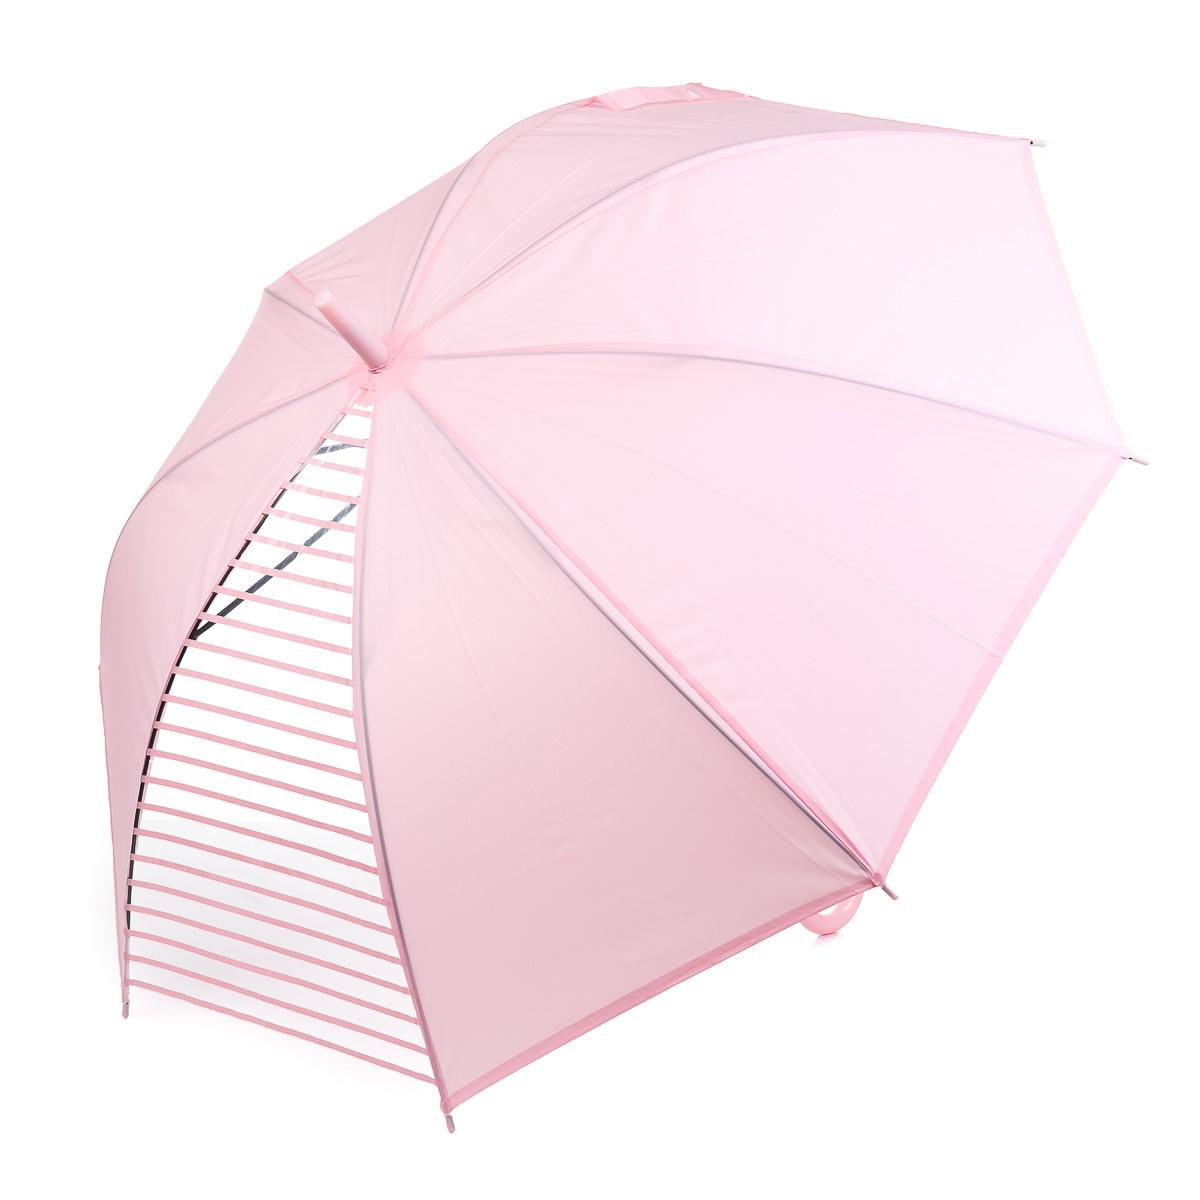 Зонт-трость розовый с прозрачной секцией